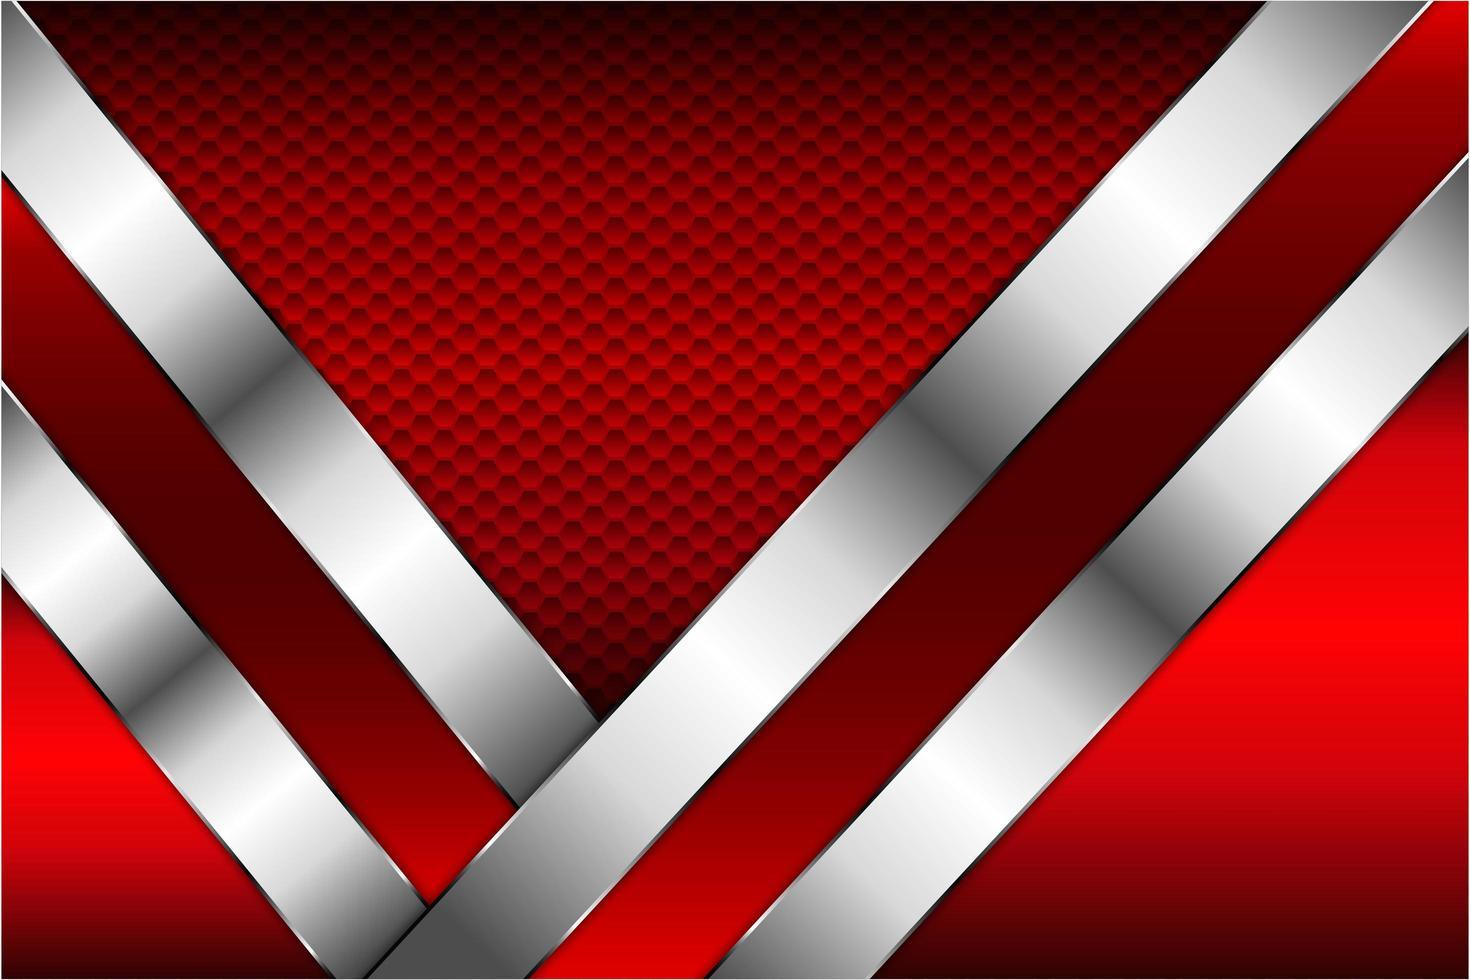 rödmetallteknik med hexagonmönster. vektor